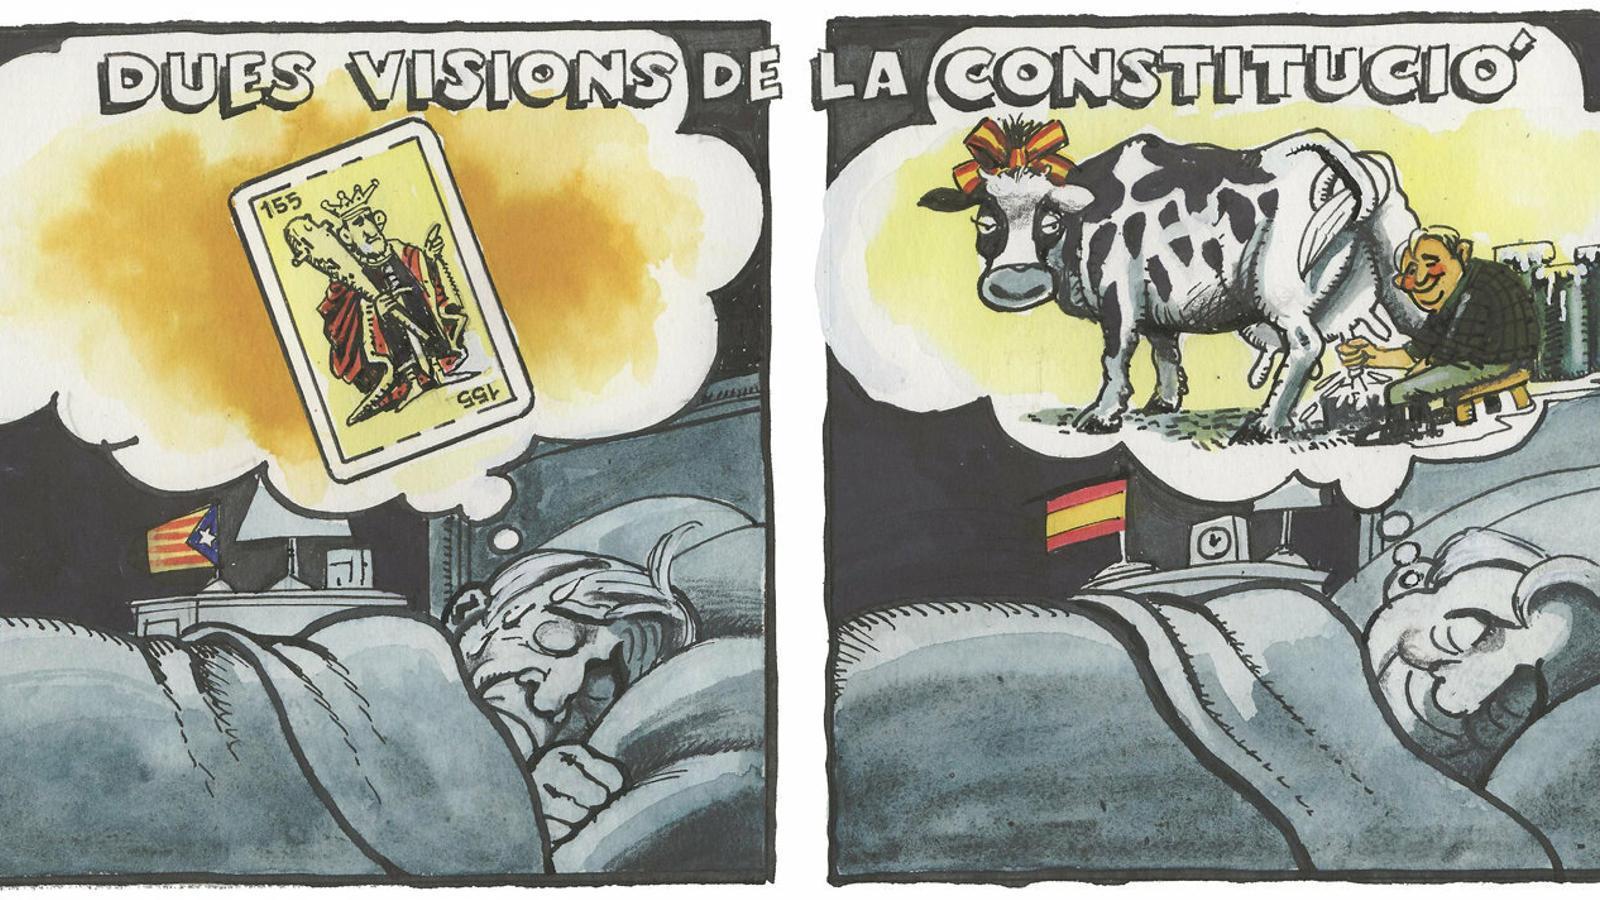 'A la contra', per Ferreres 21/10/2019